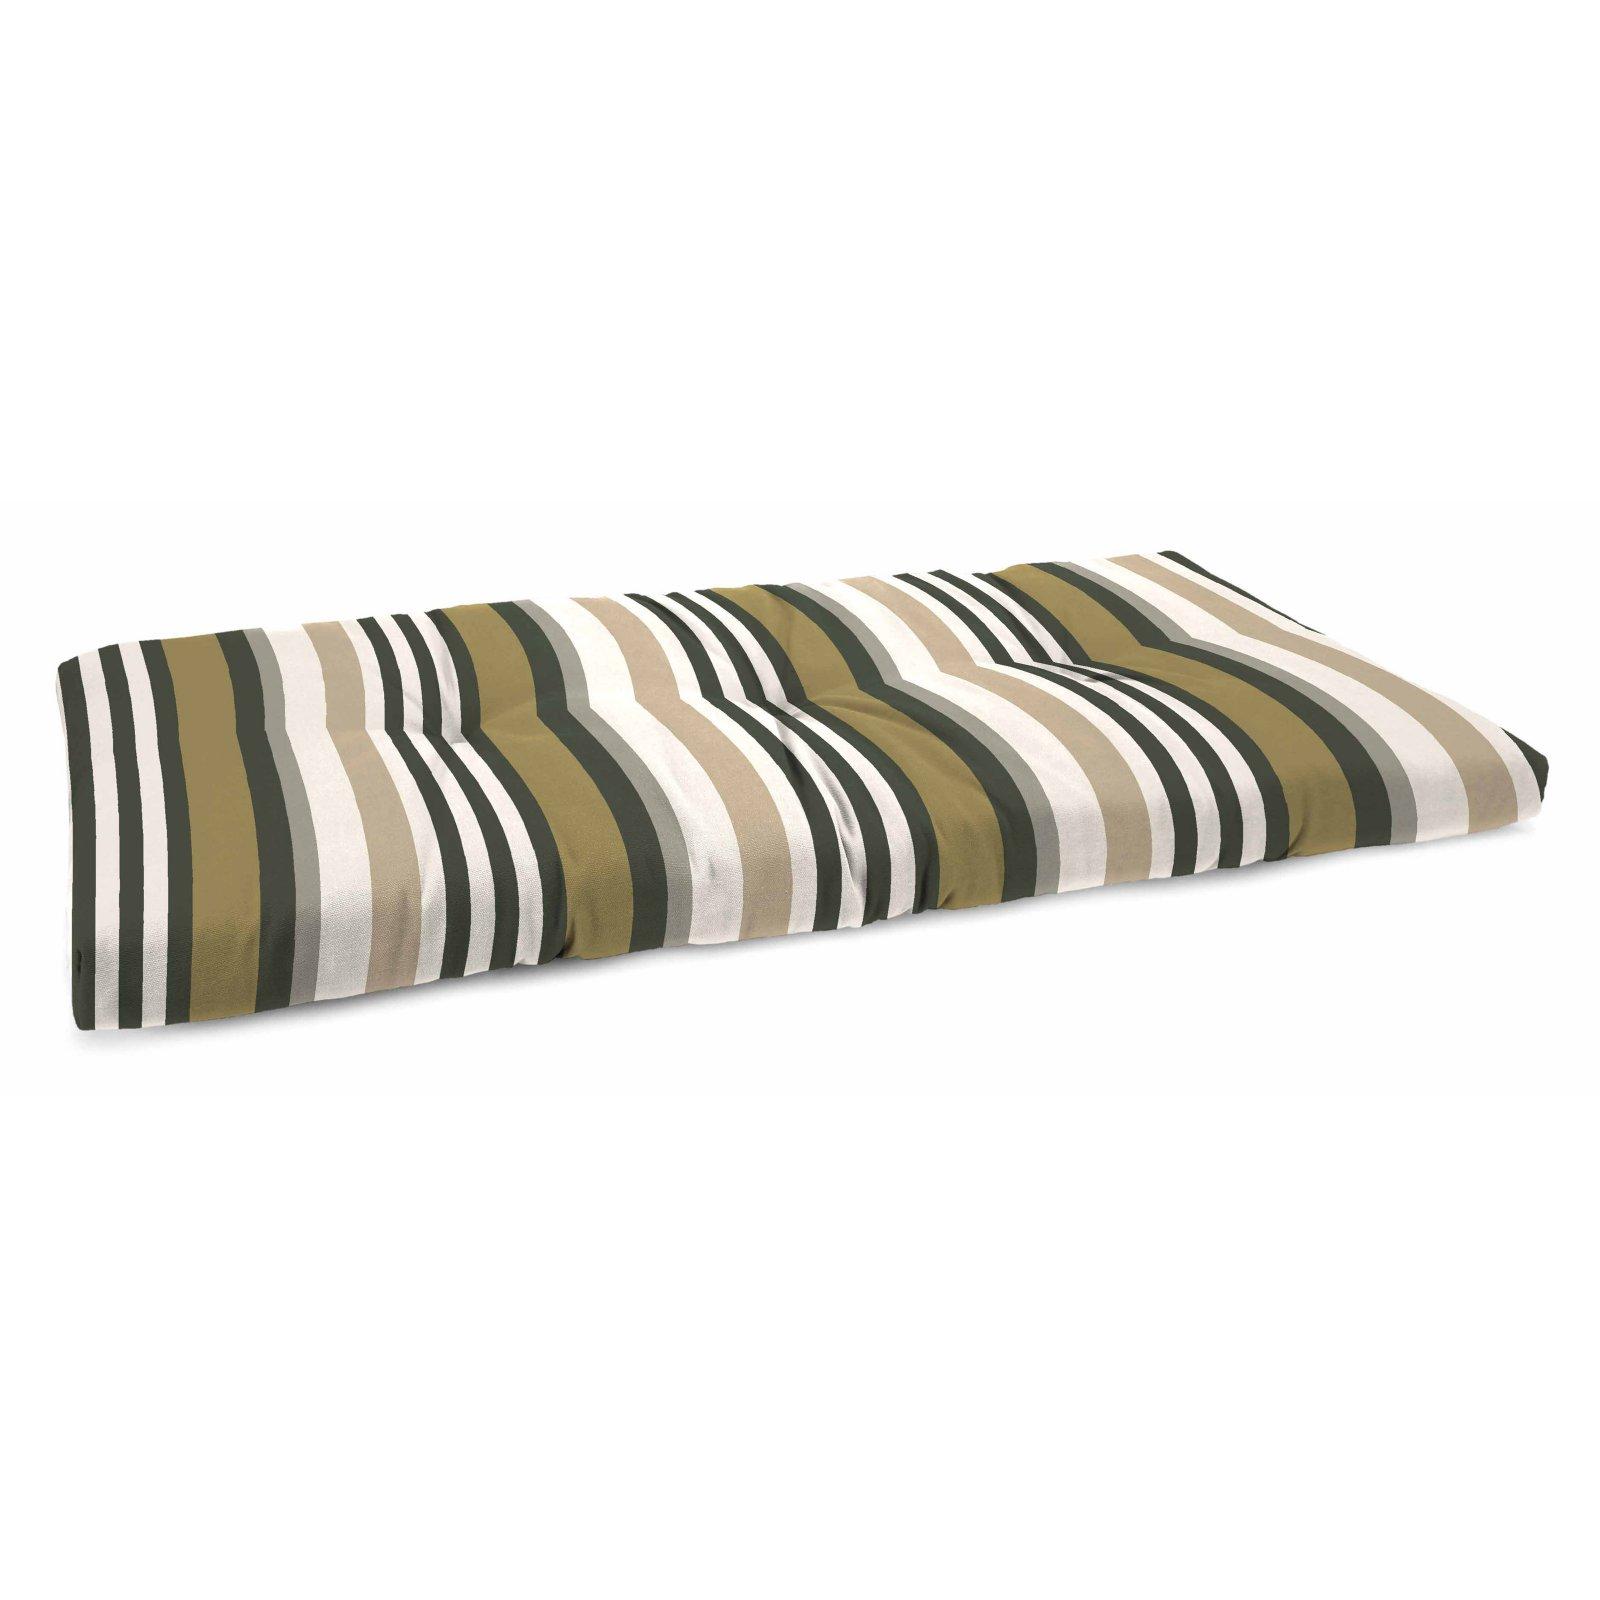 Jordan Manufacturing 45 In French Edge Outdoor Bench Cushion Kastel Kastel Pewter Deep Seating Bench Cushions